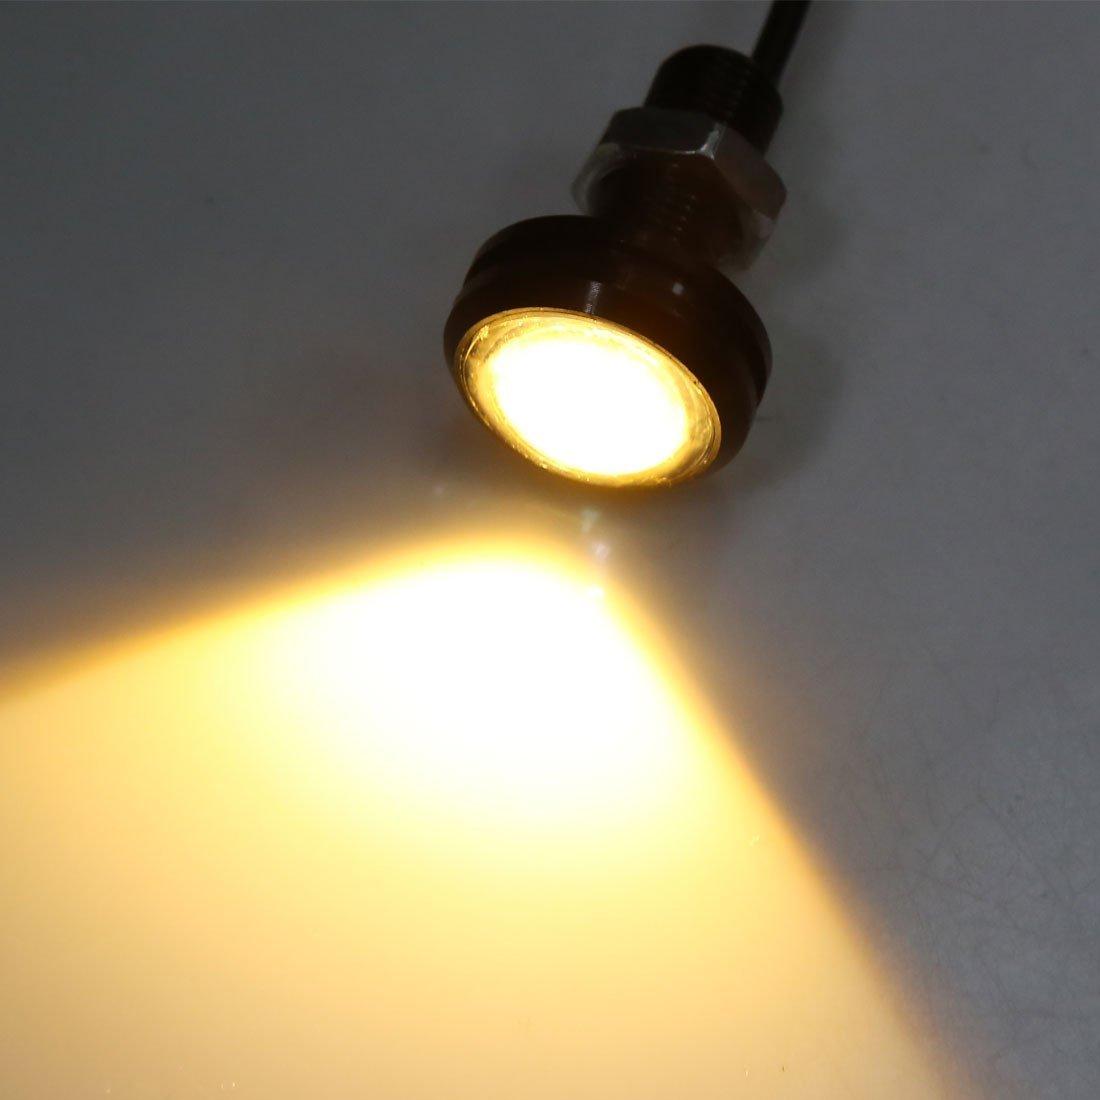 Amazon.com: eDealMax 6pcs 23mm Eagle Eyes LED de la luz de niebla del coche de Motor DRL de copia de seguridad de Los bulbos de Color ámbar 1.5W: Automotive